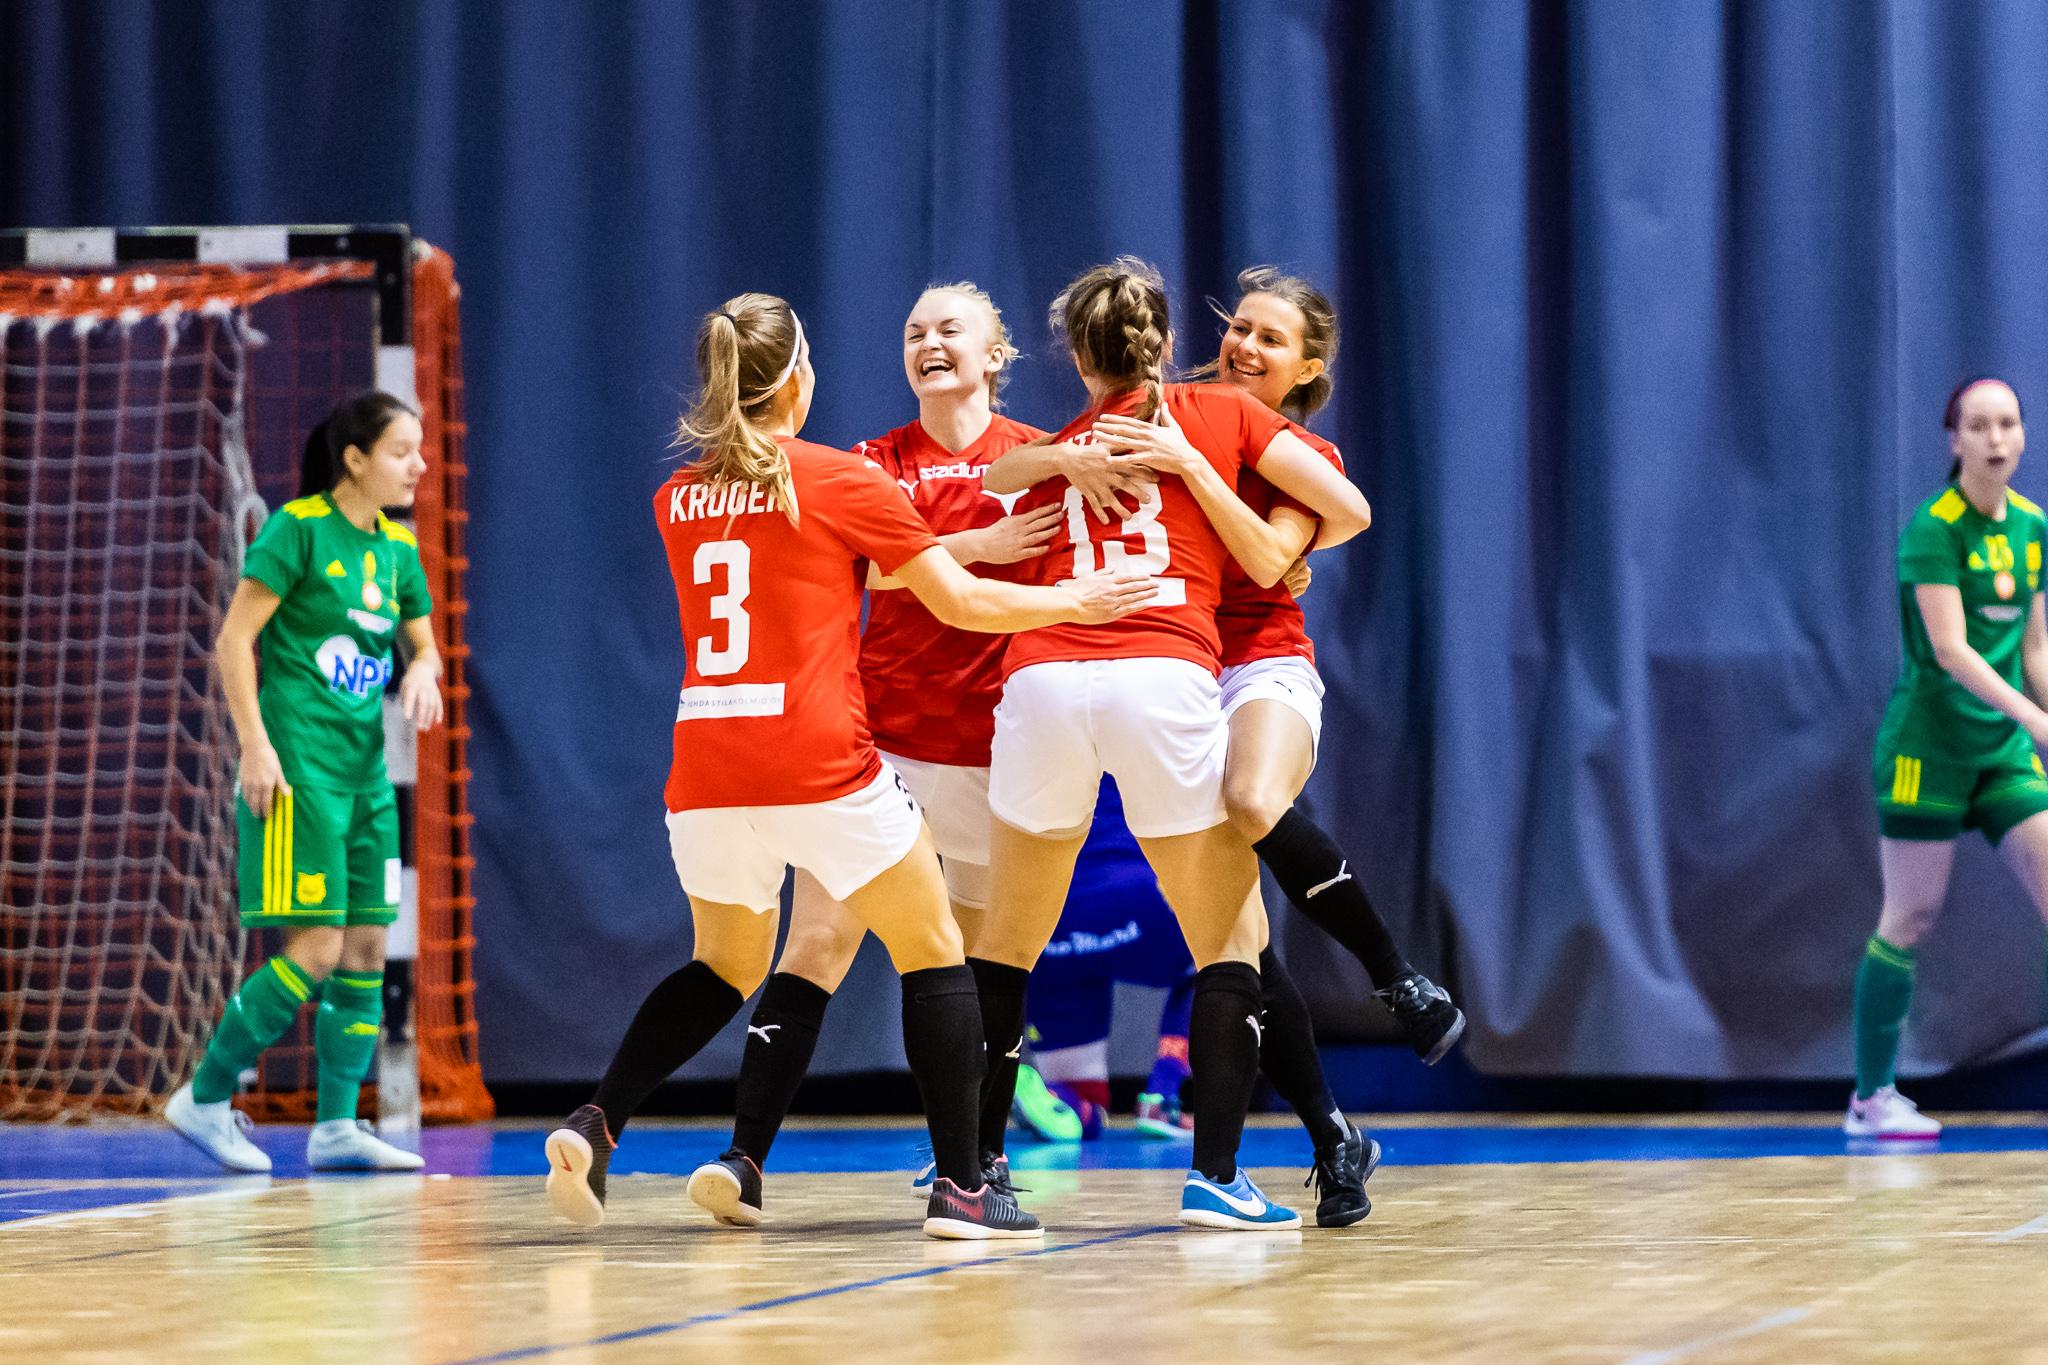 HIFK perustaa naisten futsaljoukkueen 3-divisioonaan – ilmoittaudu mukaan!